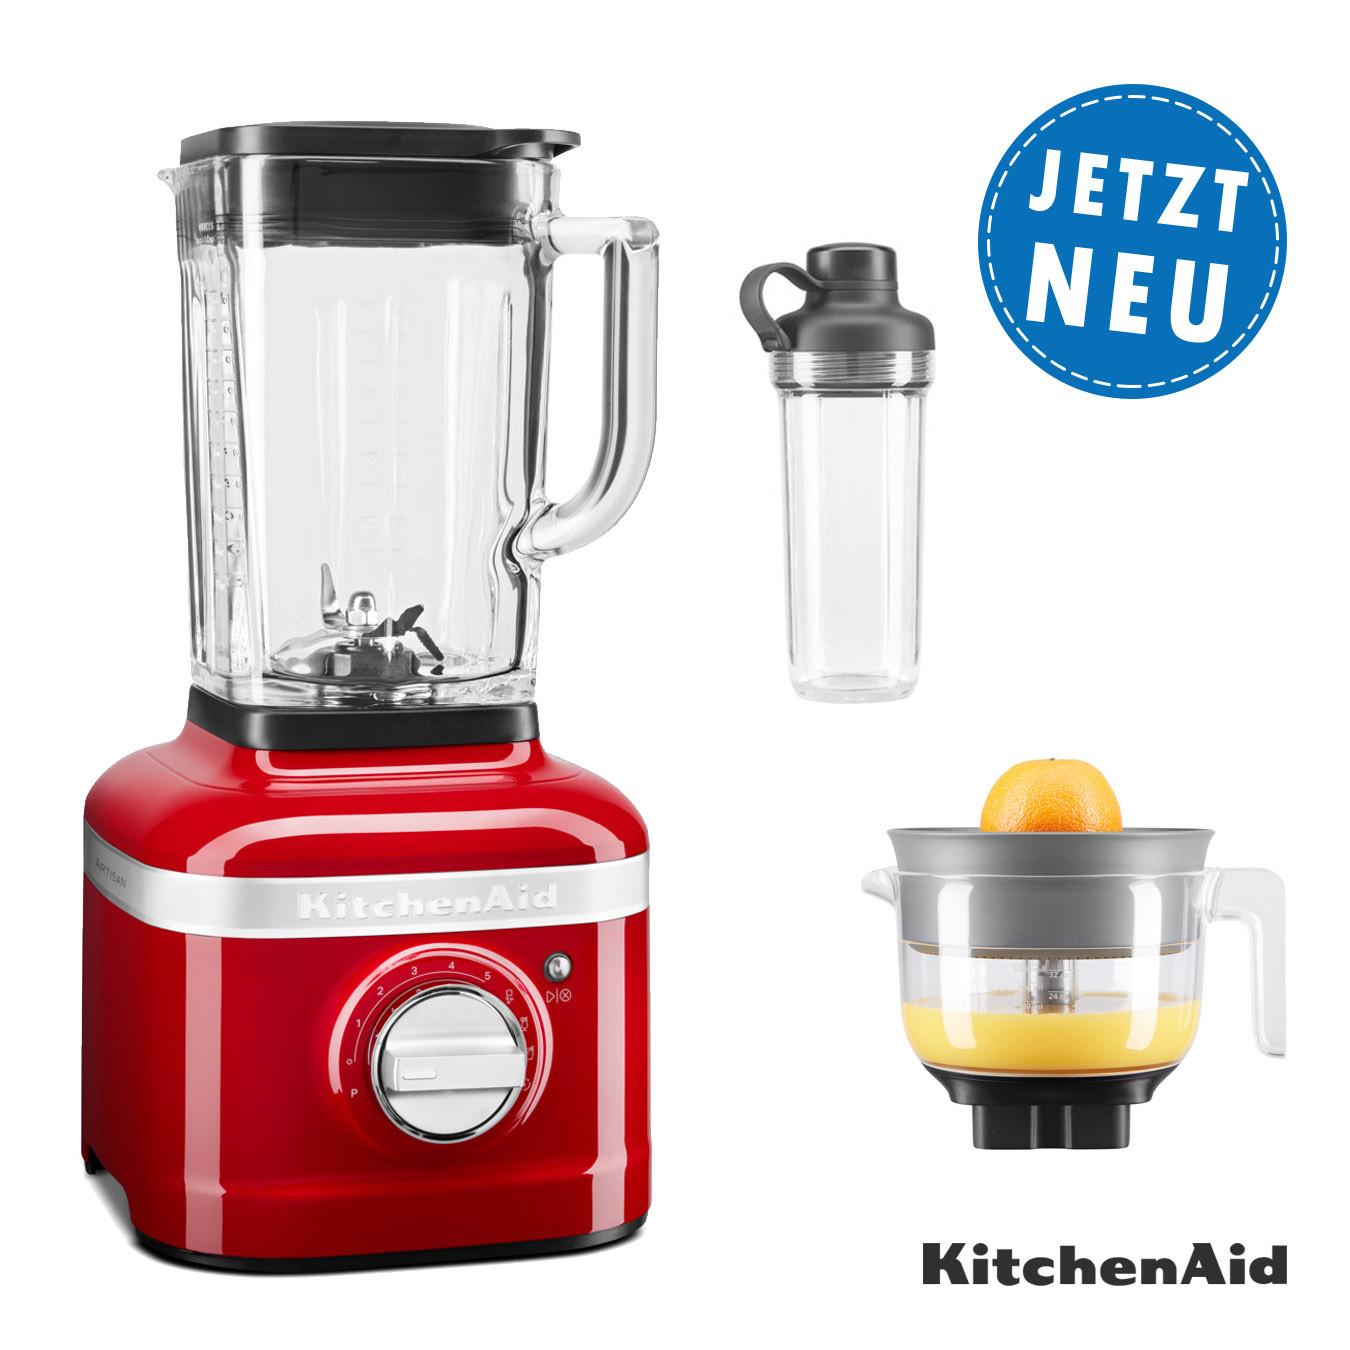 KitchenAidK400 Standmixer mit Zitruspresse und To-Go-Behälter